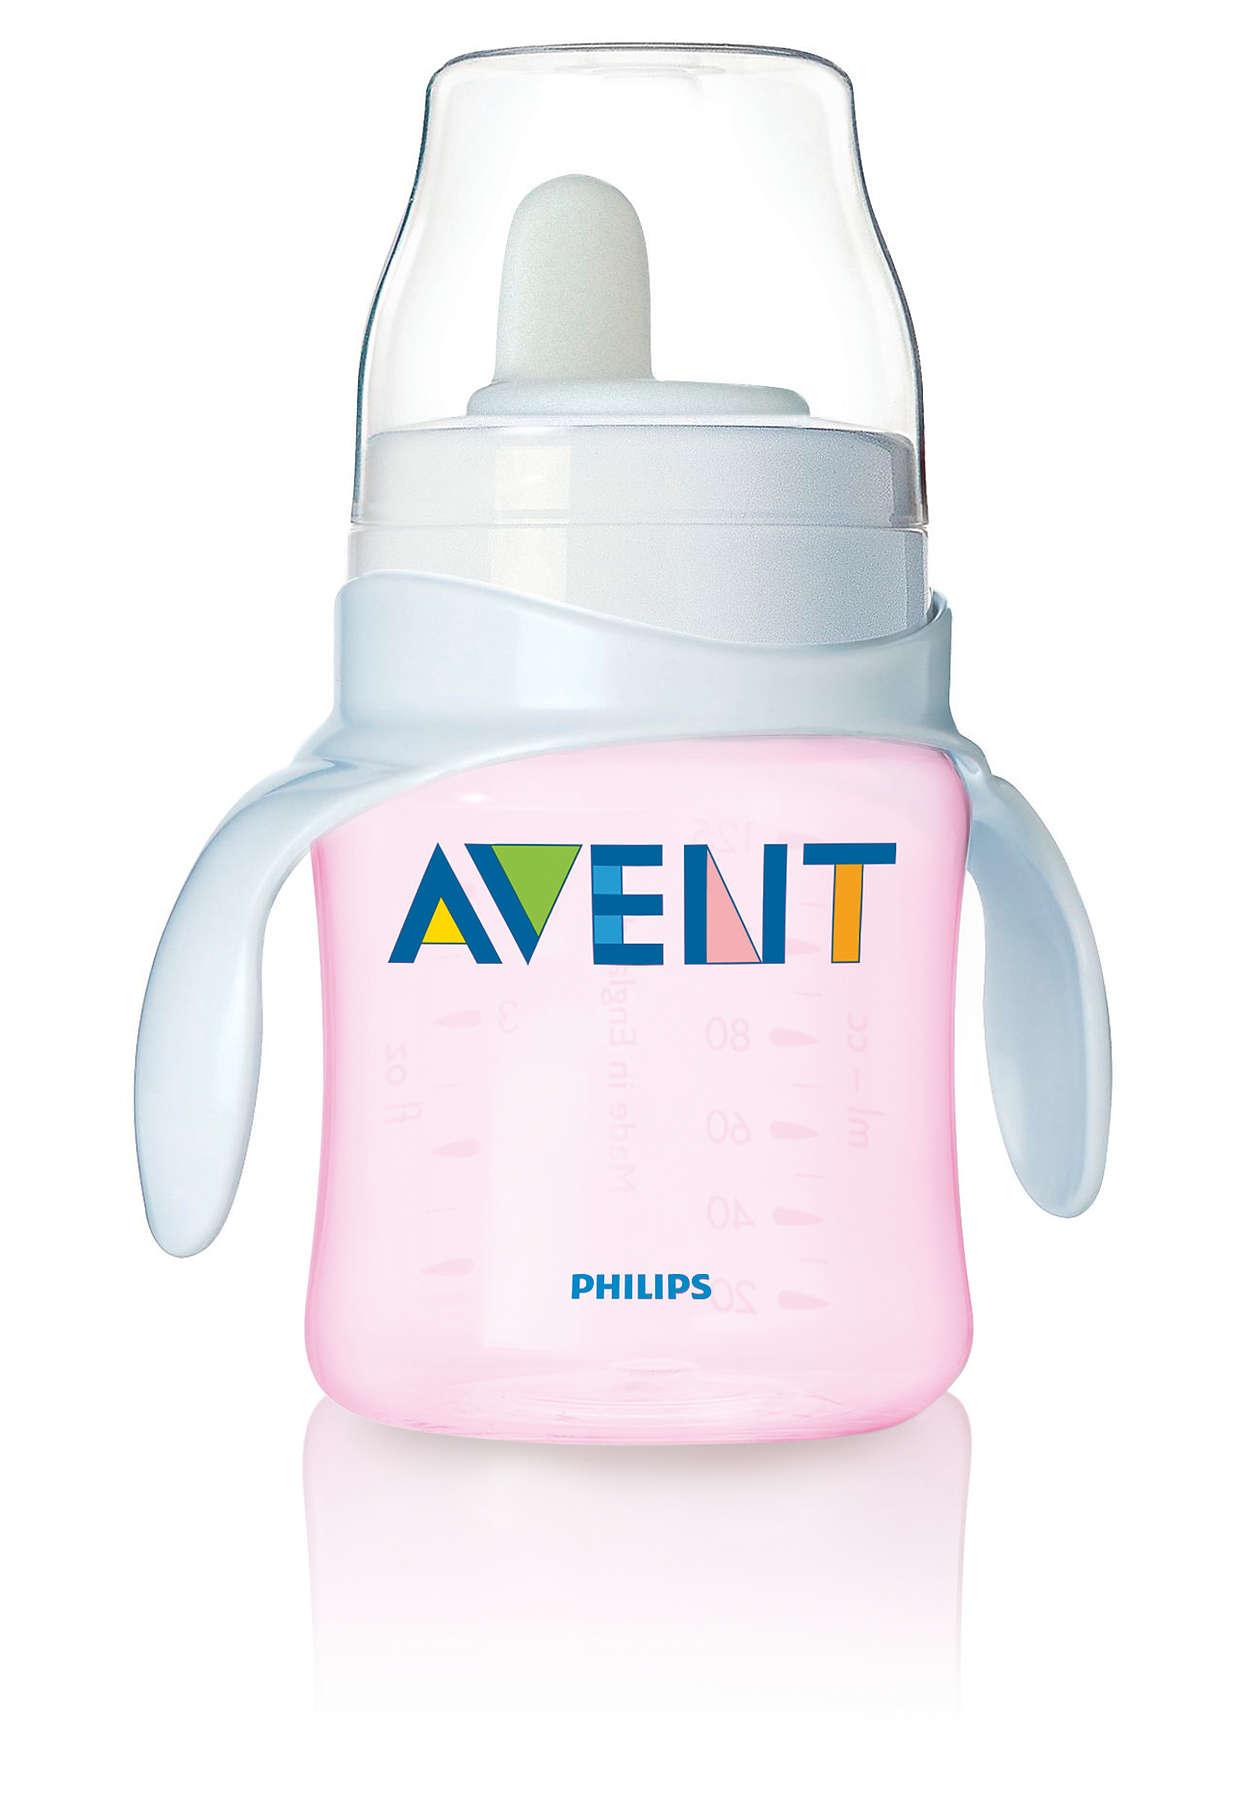 Votre bébé commence à boire dans un gobelet